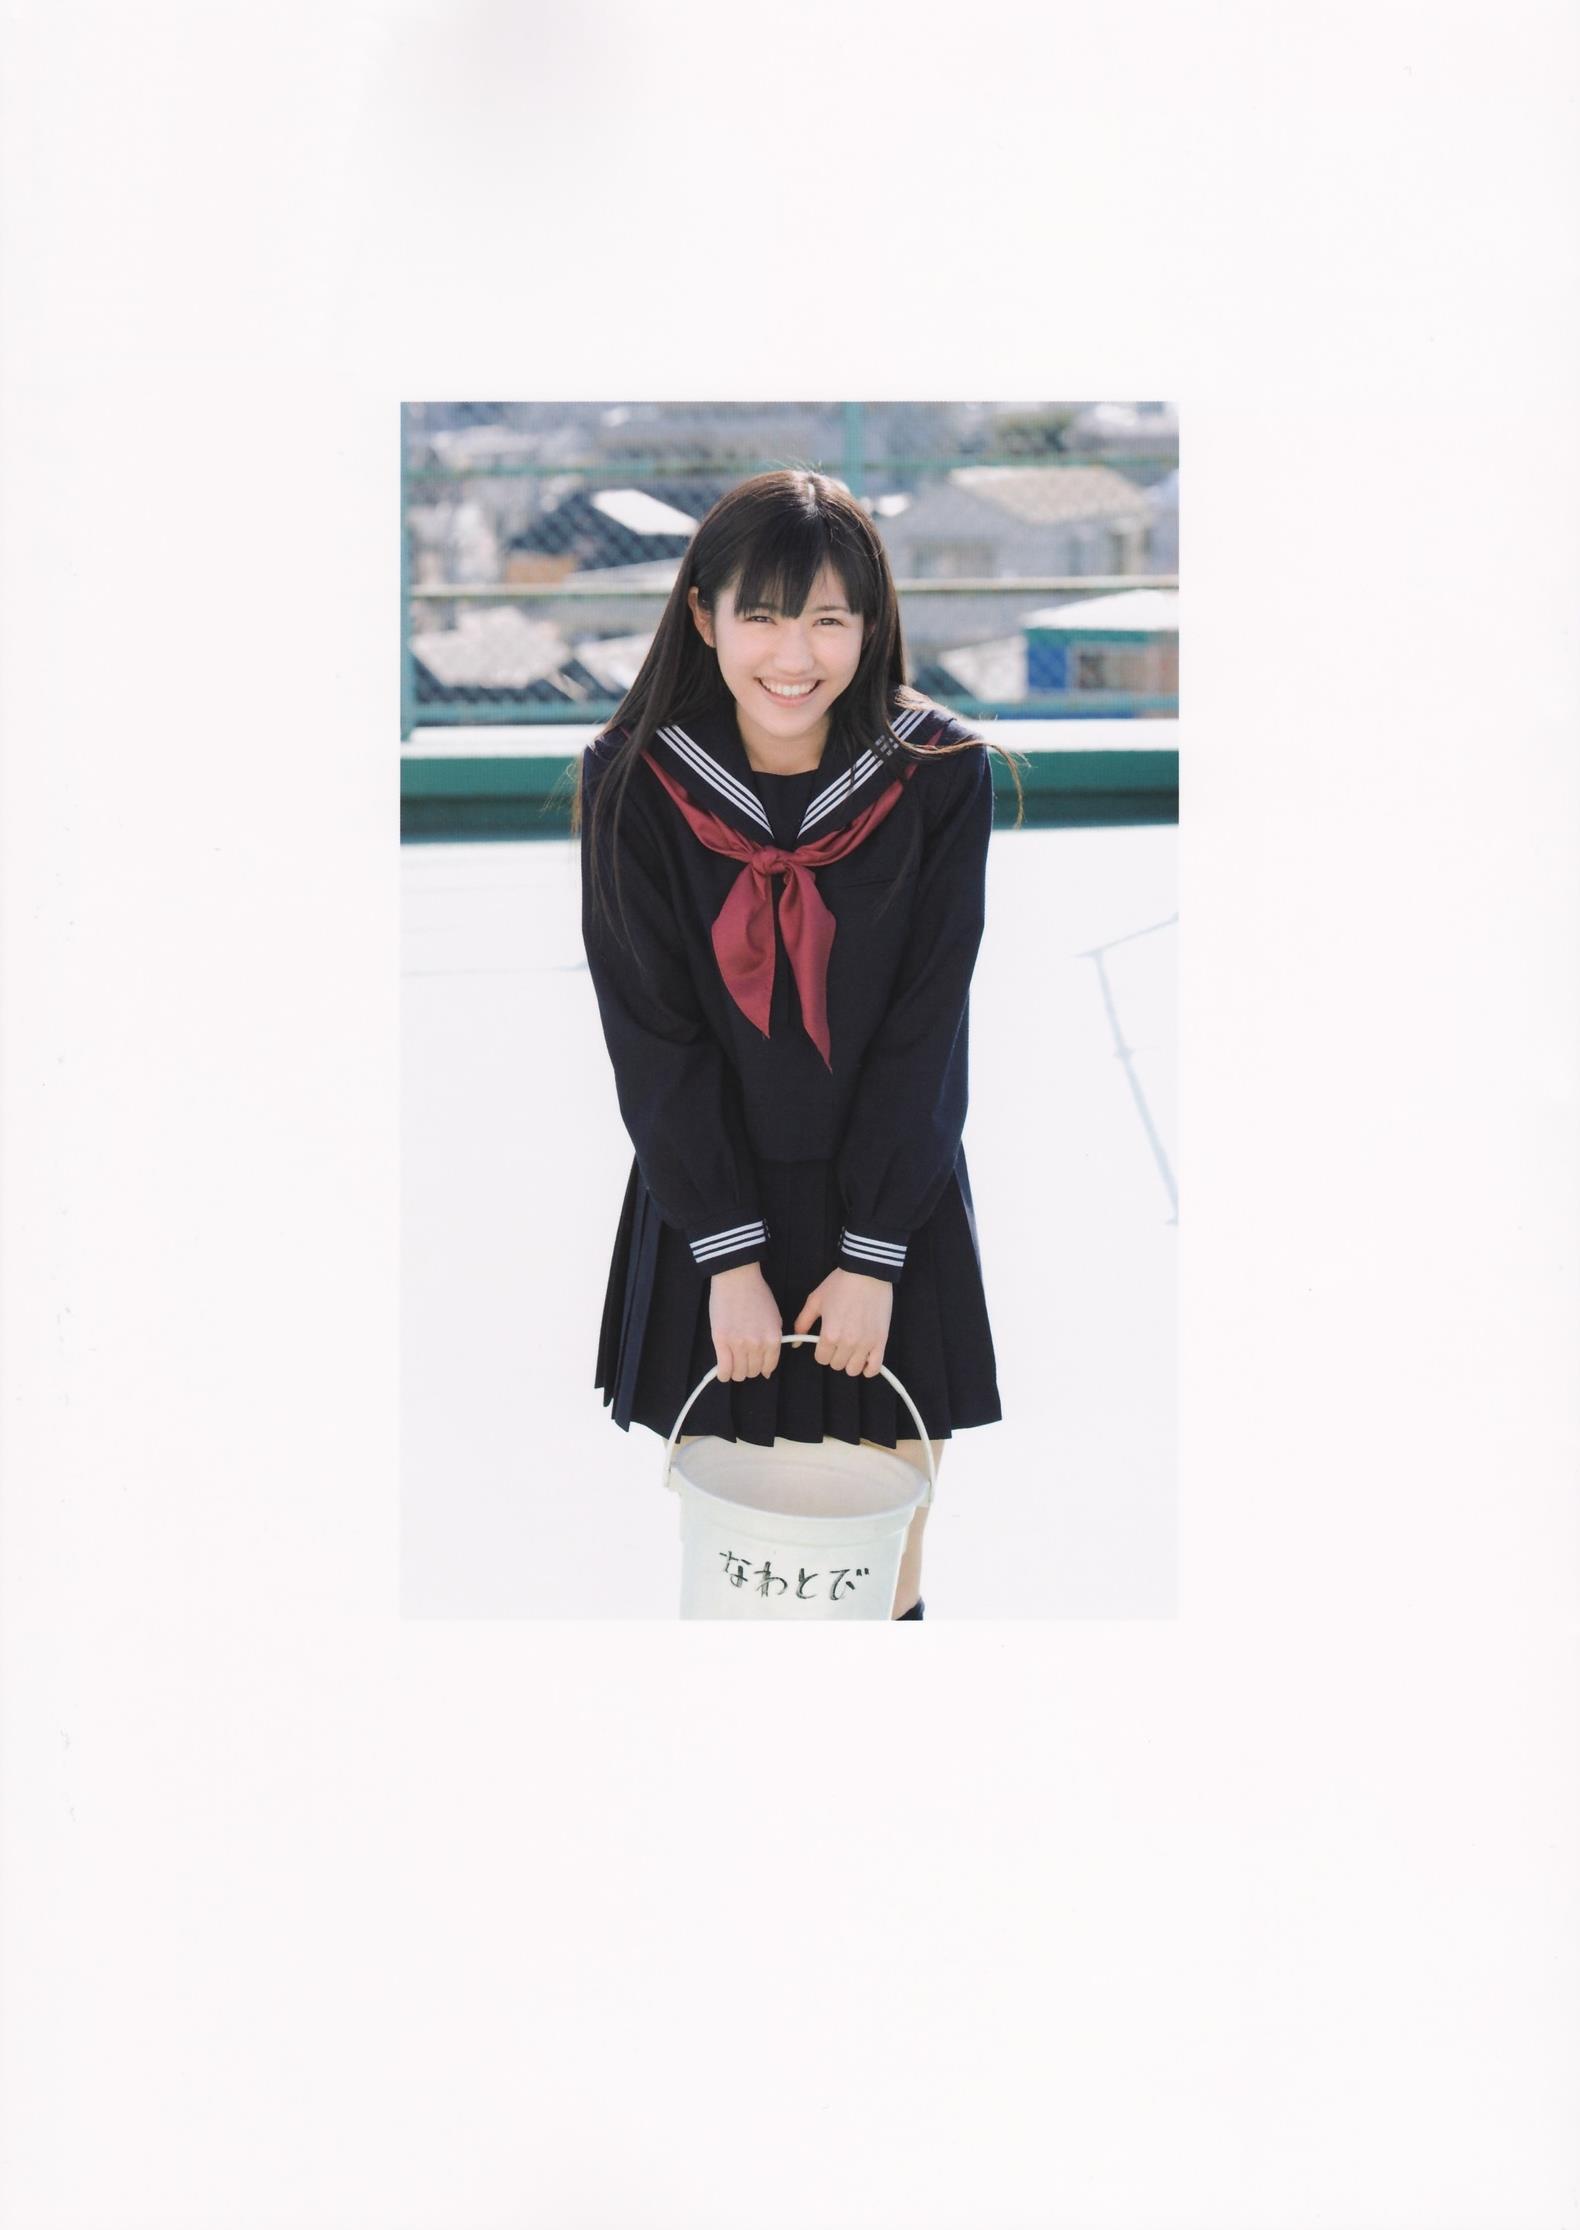 渡辺麻友 写真集「まゆゆ」 画像 89